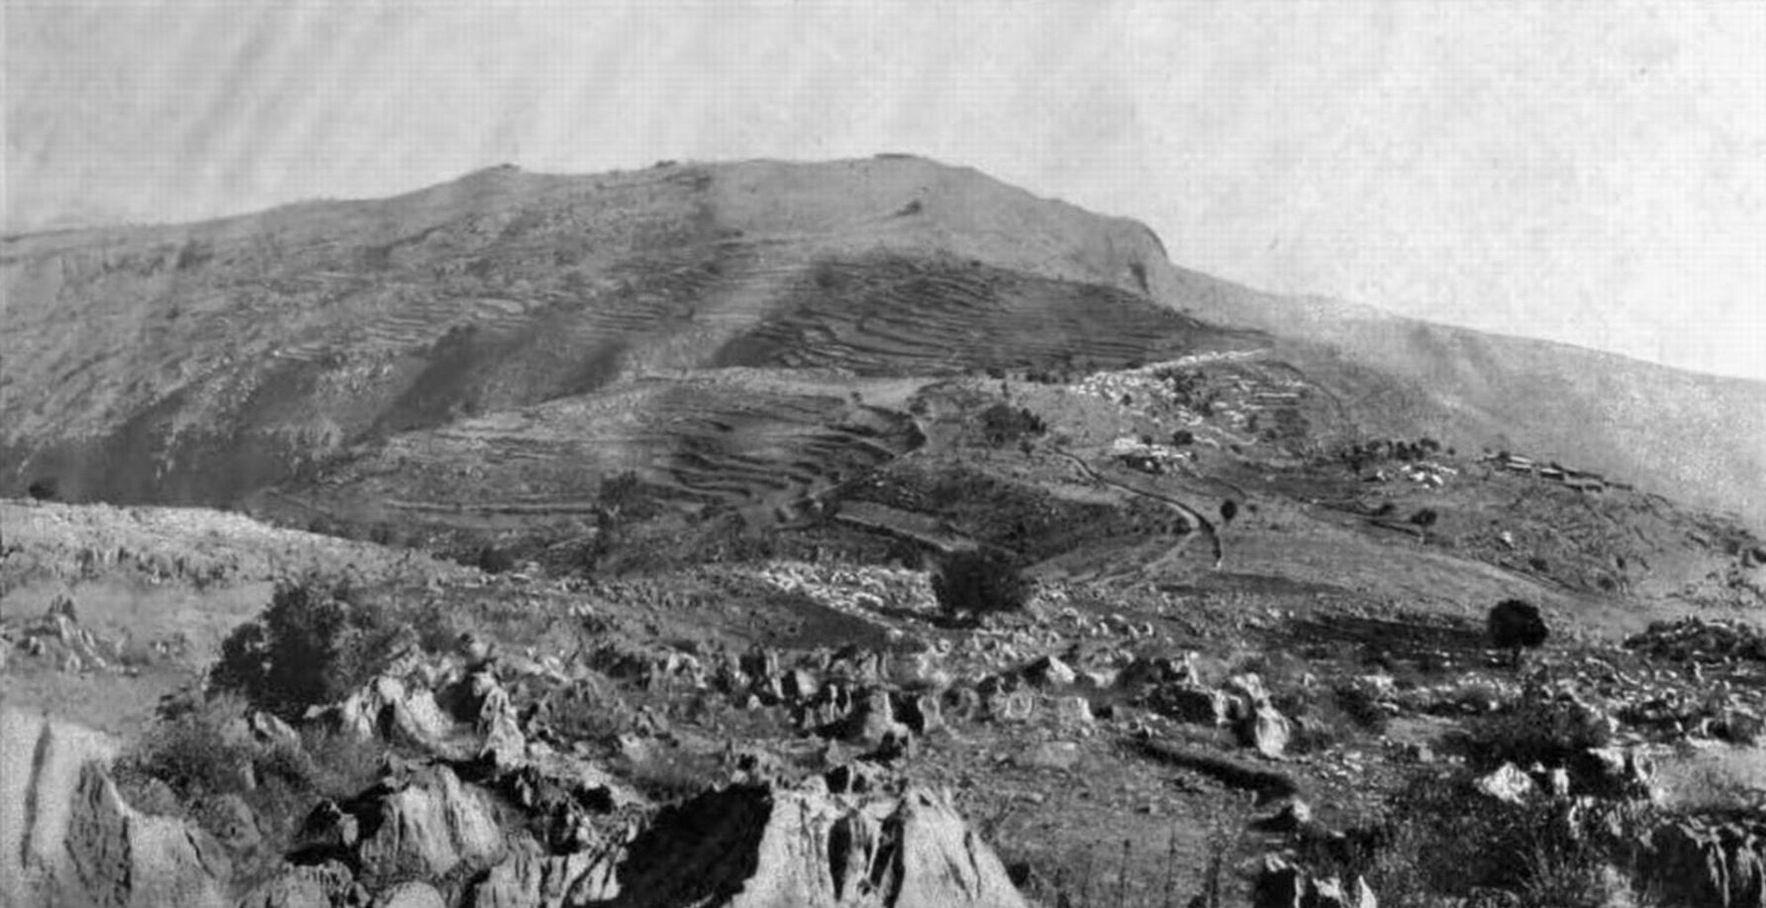 Вид на местность между Гюлистаном и Сарагархи, по которой приходилось идти Хаутону и его отряду.